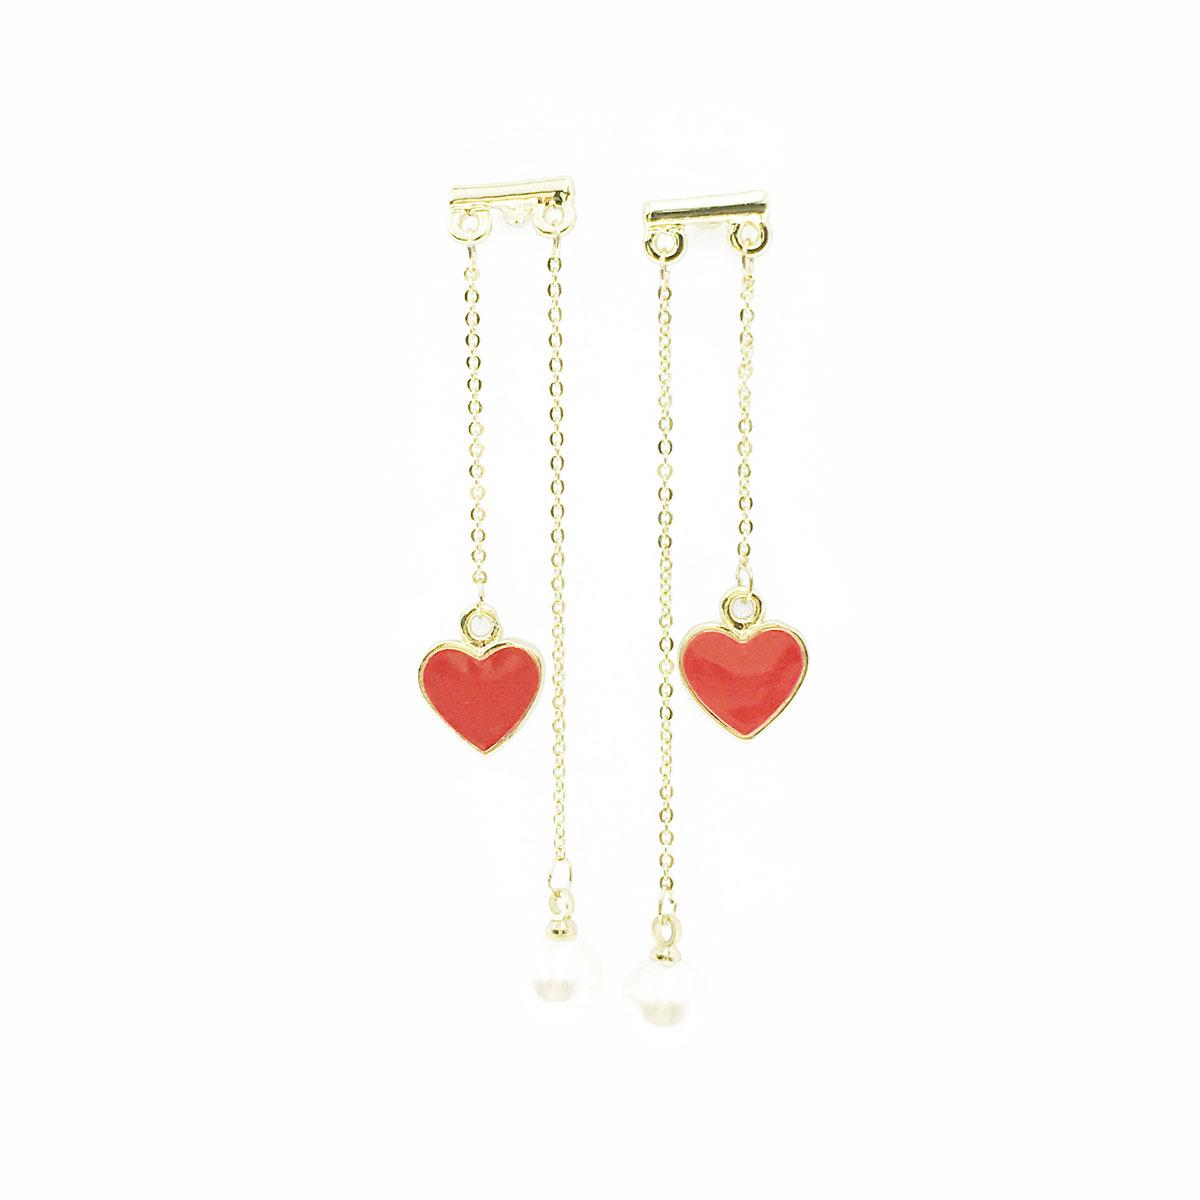 韓國 925純銀 珍珠 愛心 不對稱 垂墜感 耳針式 耳環